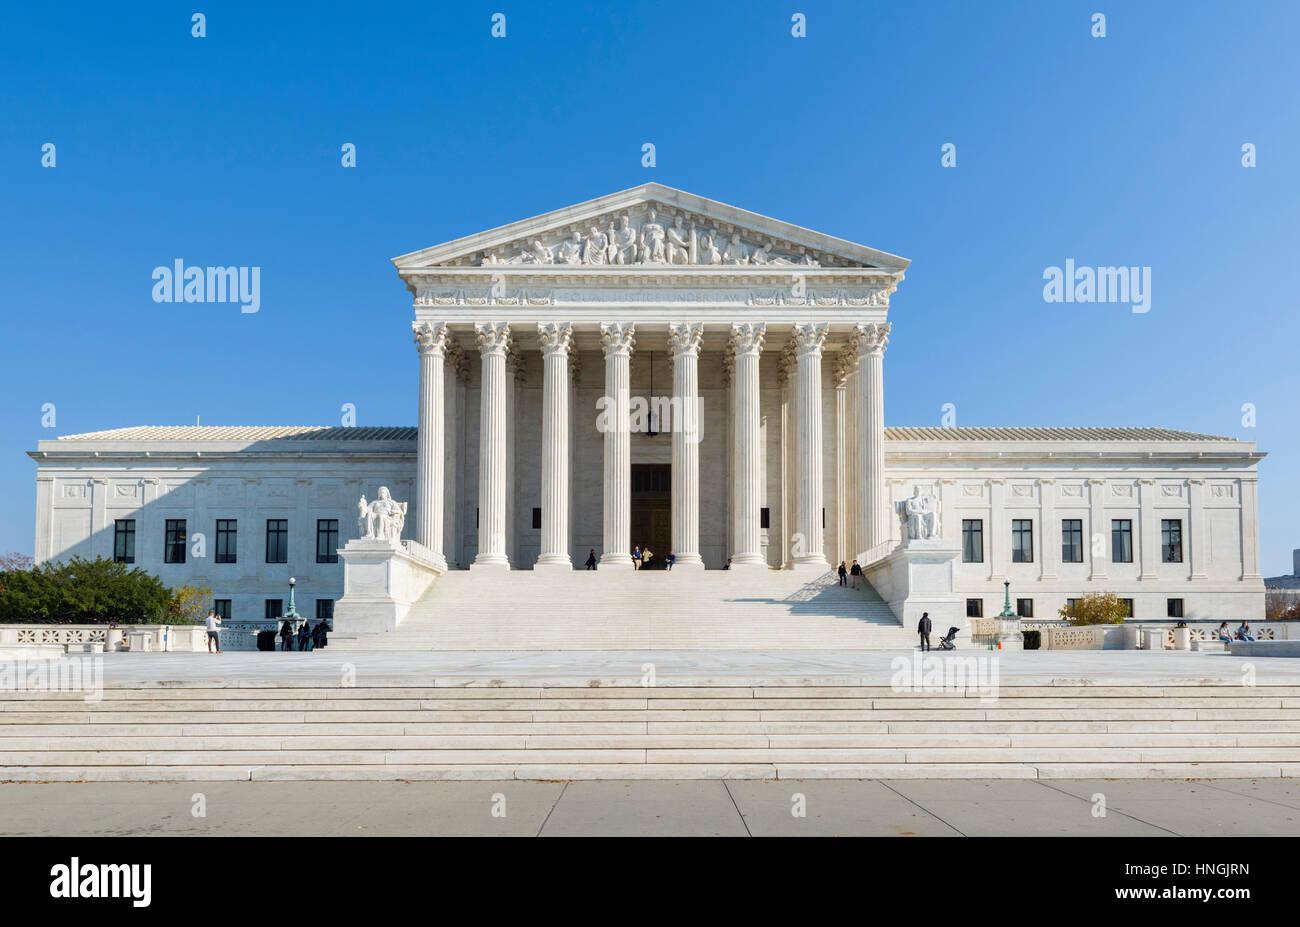 La Corte suprema degli Stati Uniti edificio, prima strada a nord-est, Washington DC, Stati Uniti d'America Foto Stock